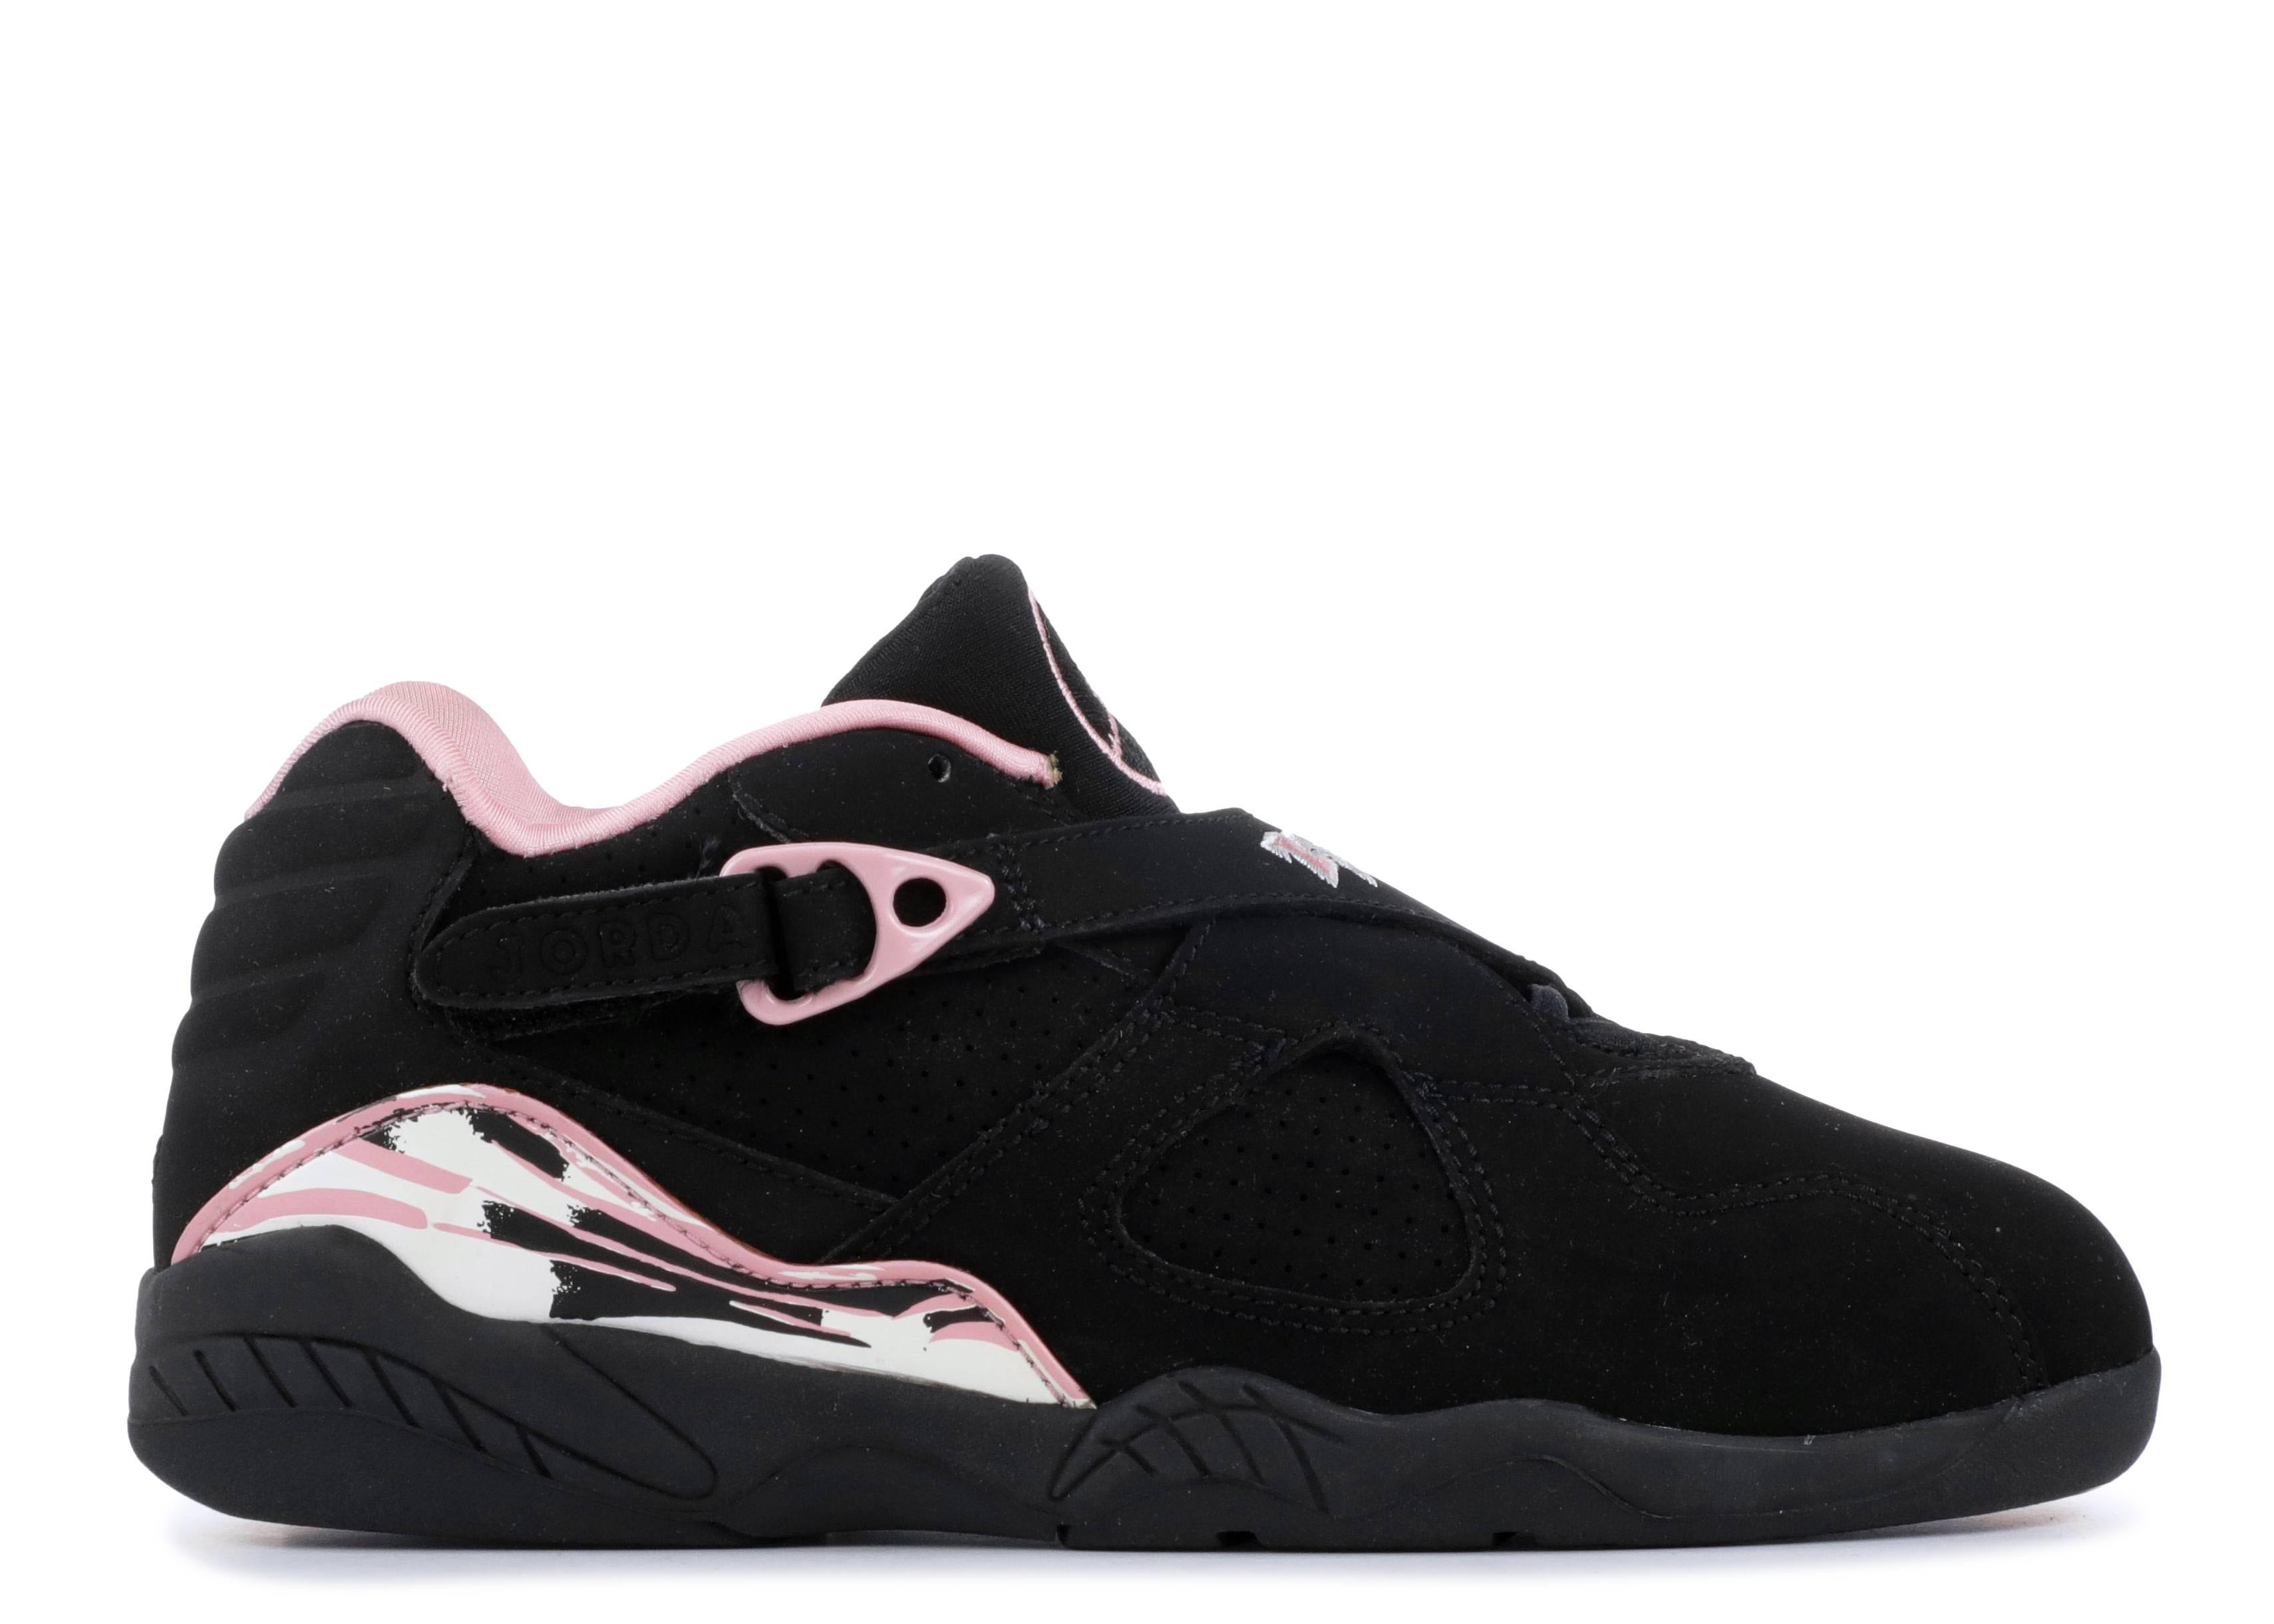 separation shoes 35558 1596a jordan 8 retro low (ps)